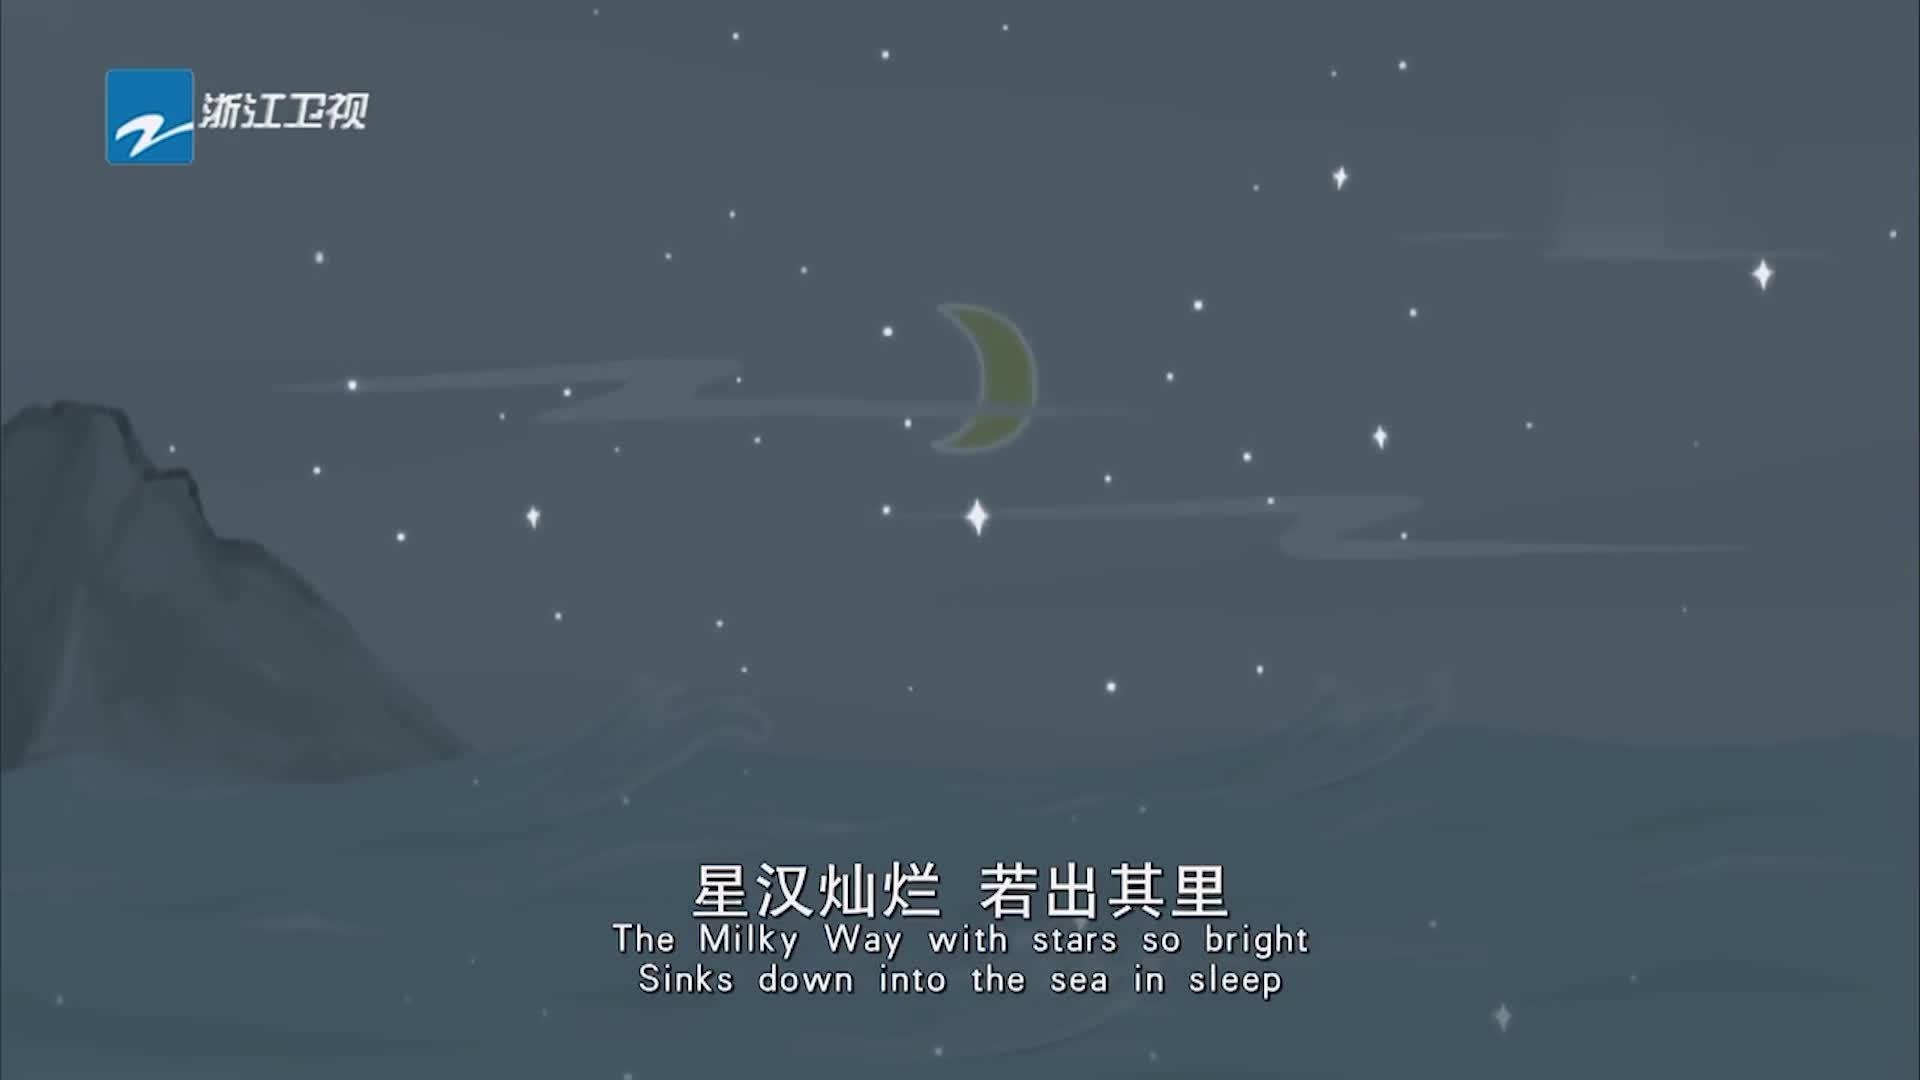 同一堂课:第一季结束,第二季的柳岩和郭京飞老师来到现场